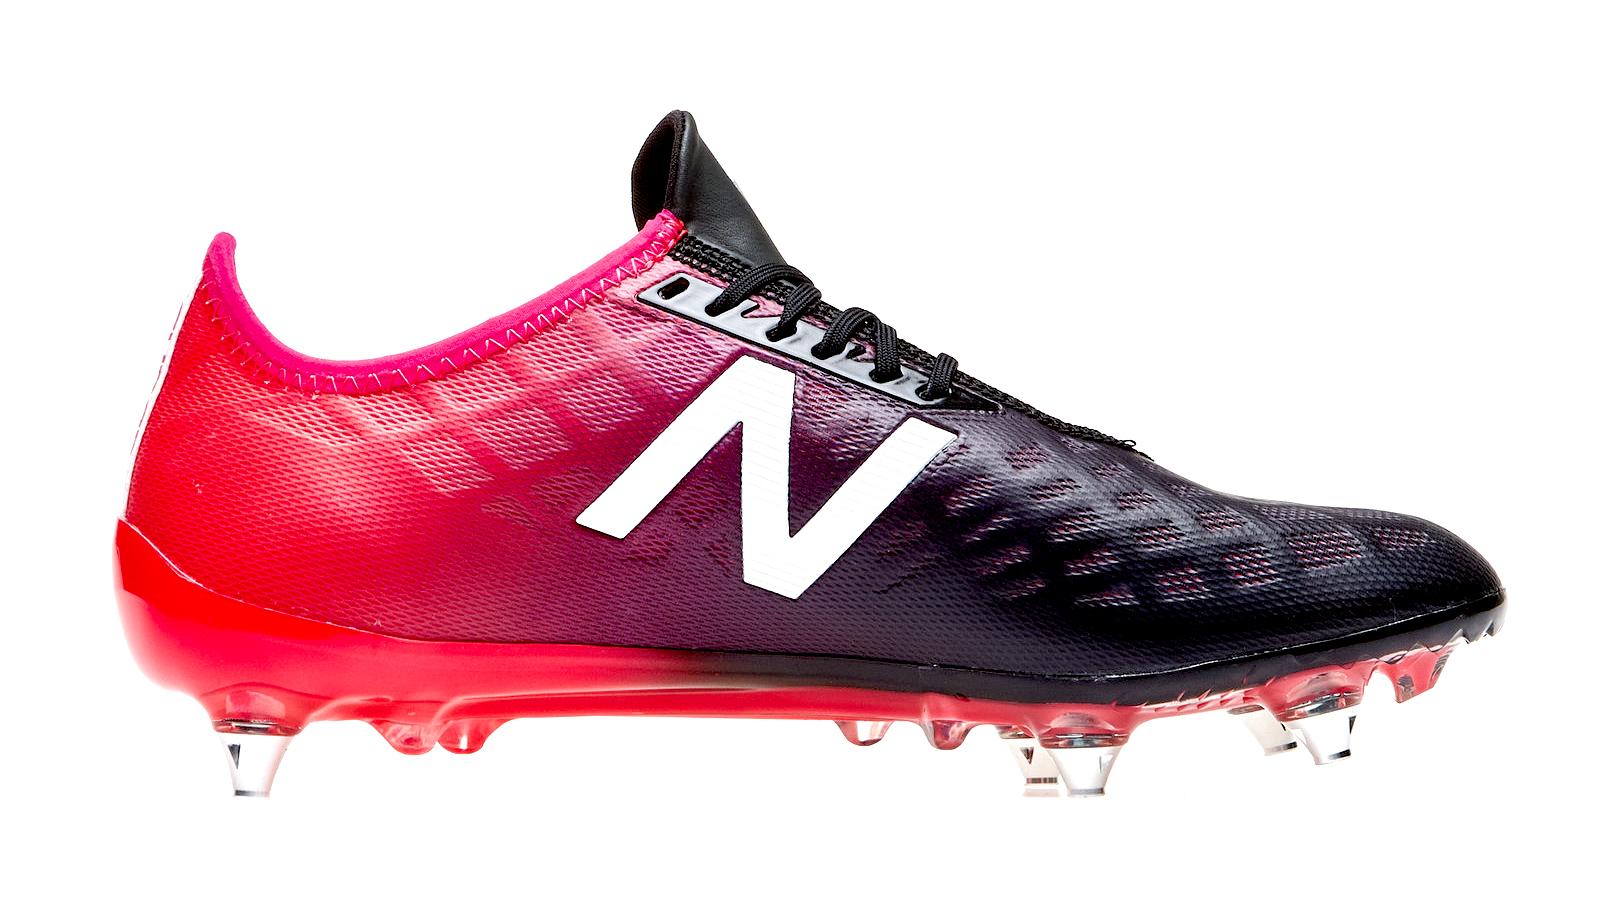 New Scarpe Cherry Pro Sg Colore Balance Calcio Pack Furon Bright 4 5rxWr6qR